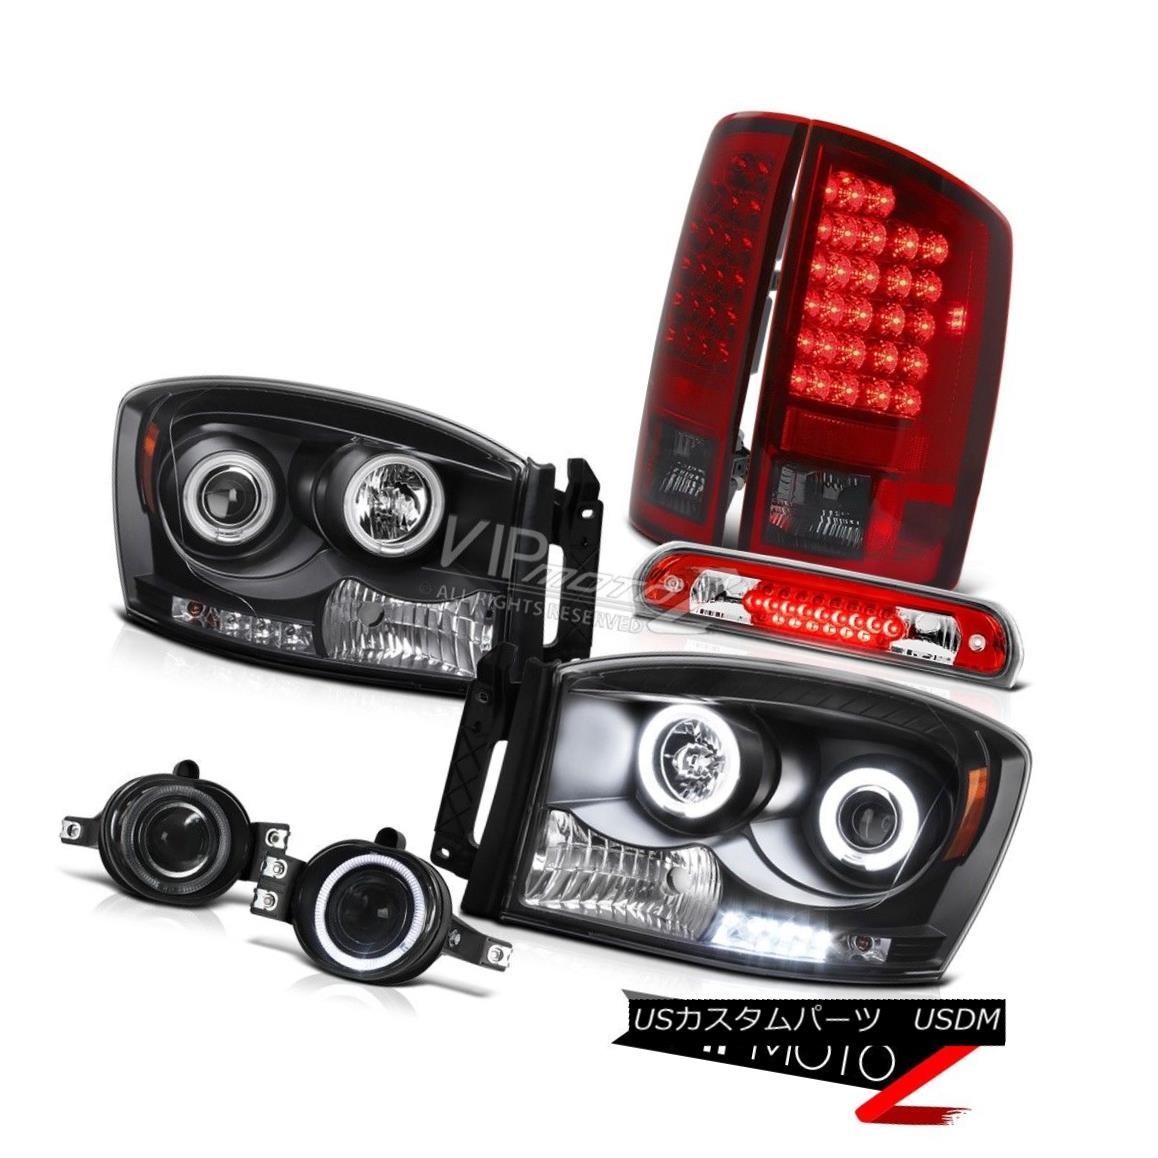 ヘッドライト DRL CCFL Ring Headlights LED Tail Lights Smoke Fog Brake 2006 Dodge Ram SRT-10 DRL CCFLリングヘッドライトLEDテールライトスモークフォグブレーキ2006 Dodge Ram SRT-10